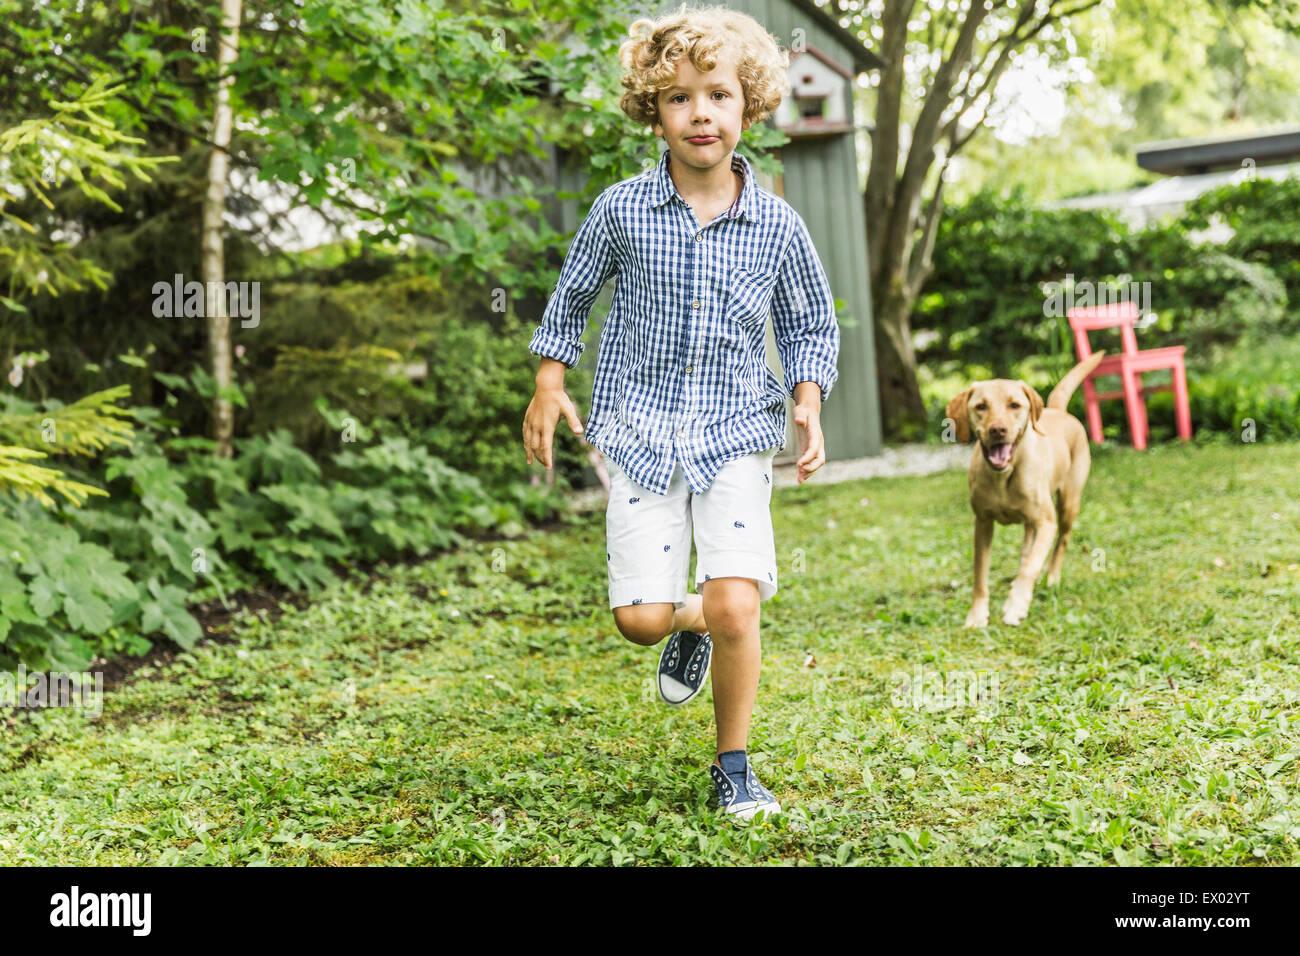 Niño corriendo con el perro en el jardín Imagen De Stock